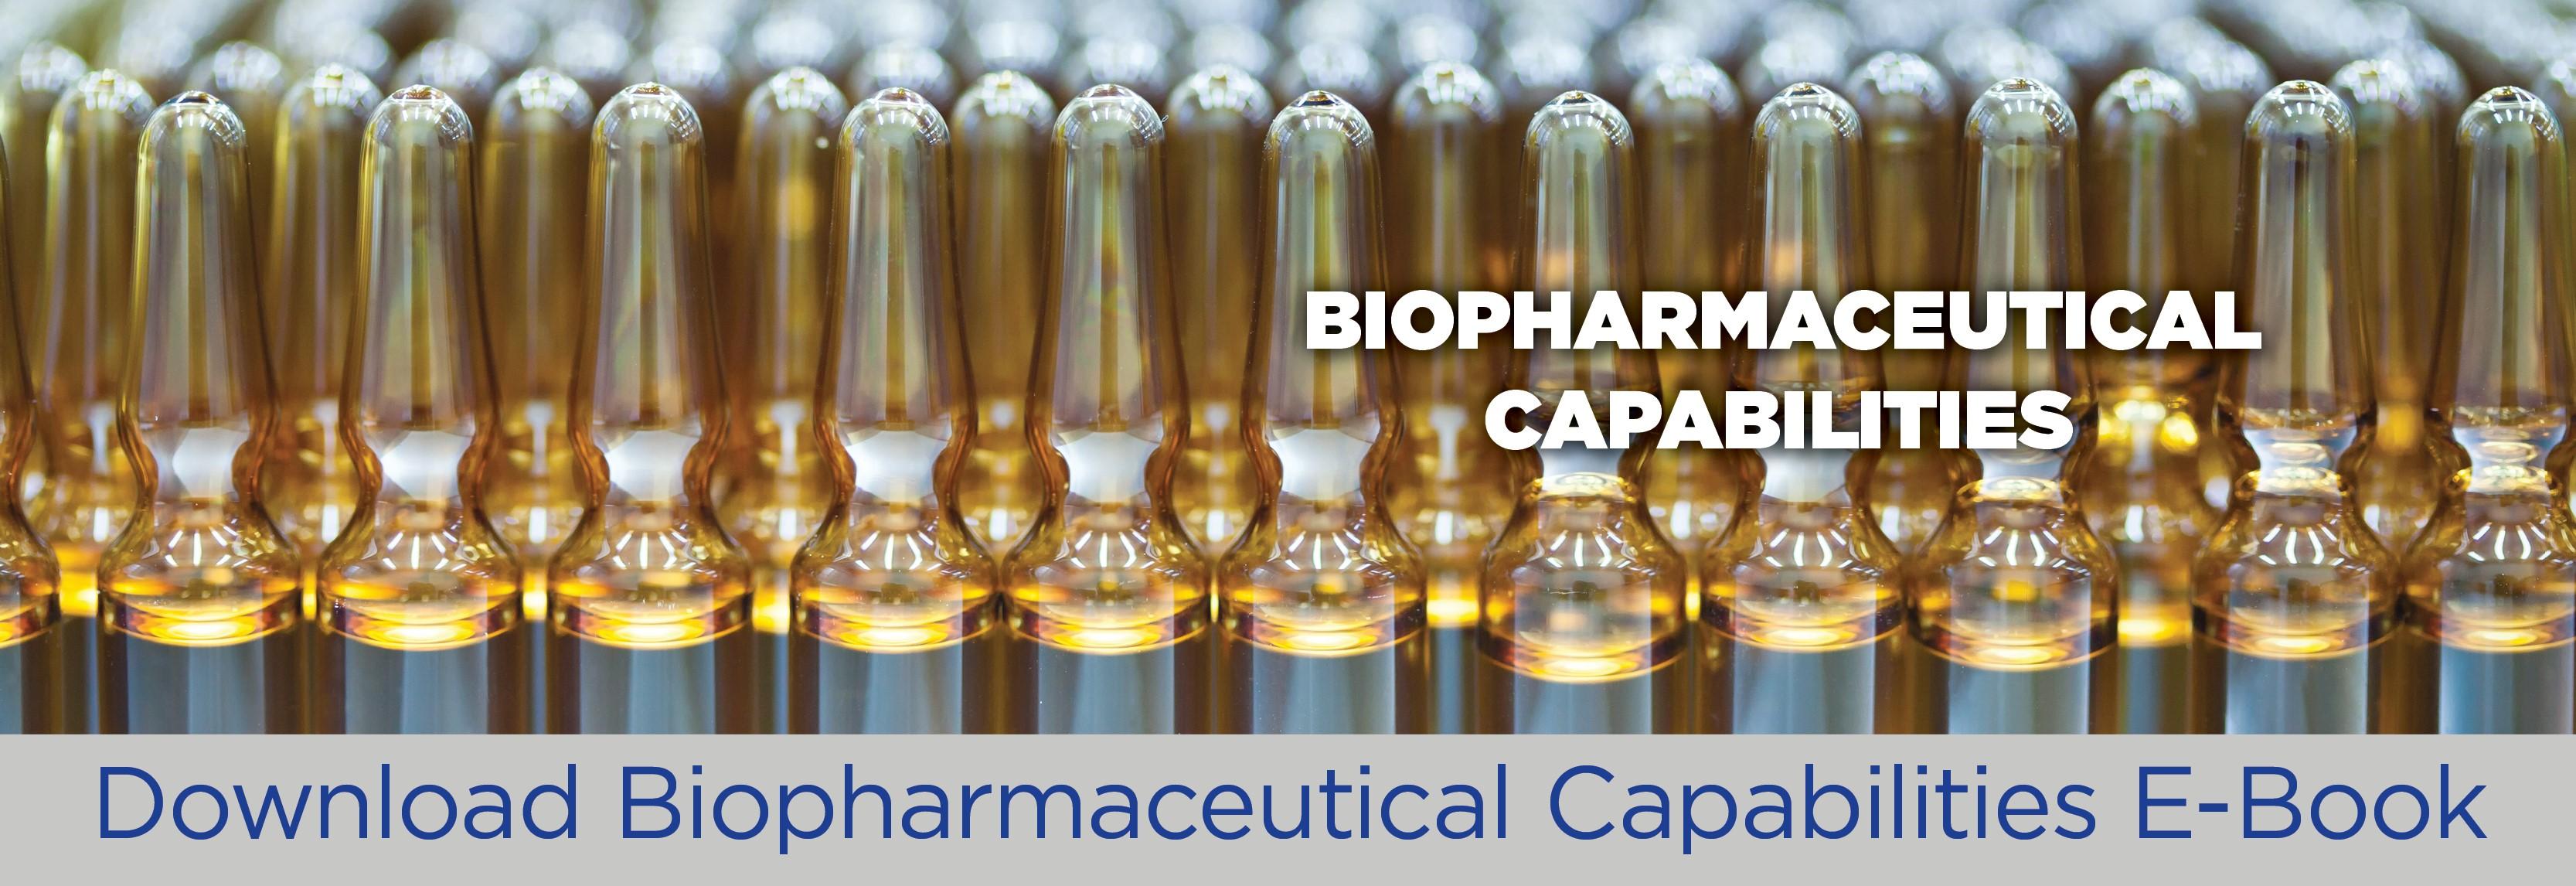 Lander Banner_Biopharm_Capabilities_e-Book.jpg